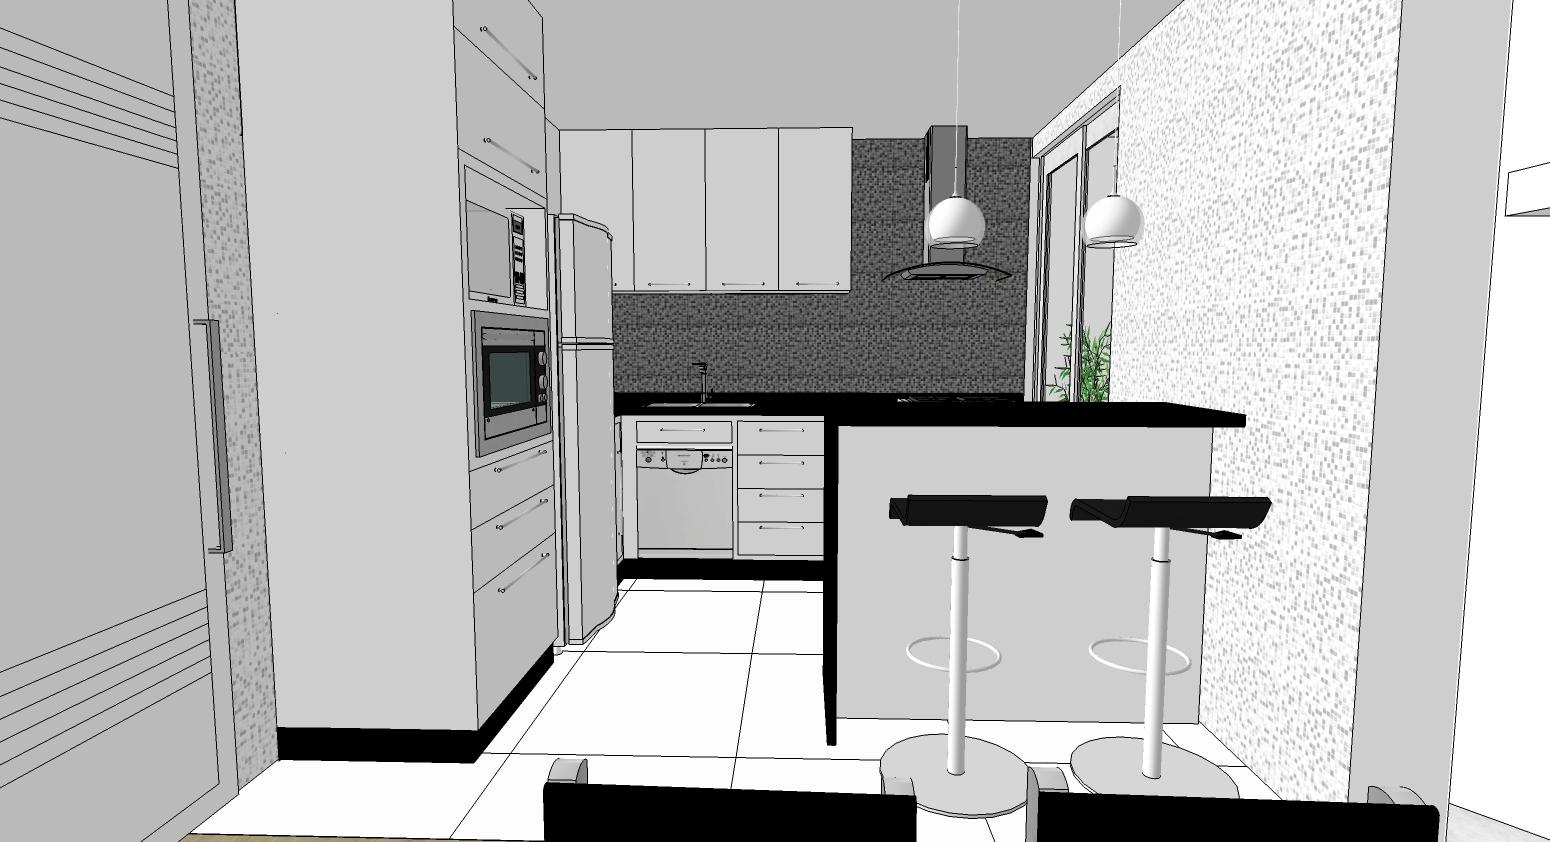 Aqui o novo projeto sem o armário ao lado do cooktop a coifa e a  #497043 1550 842